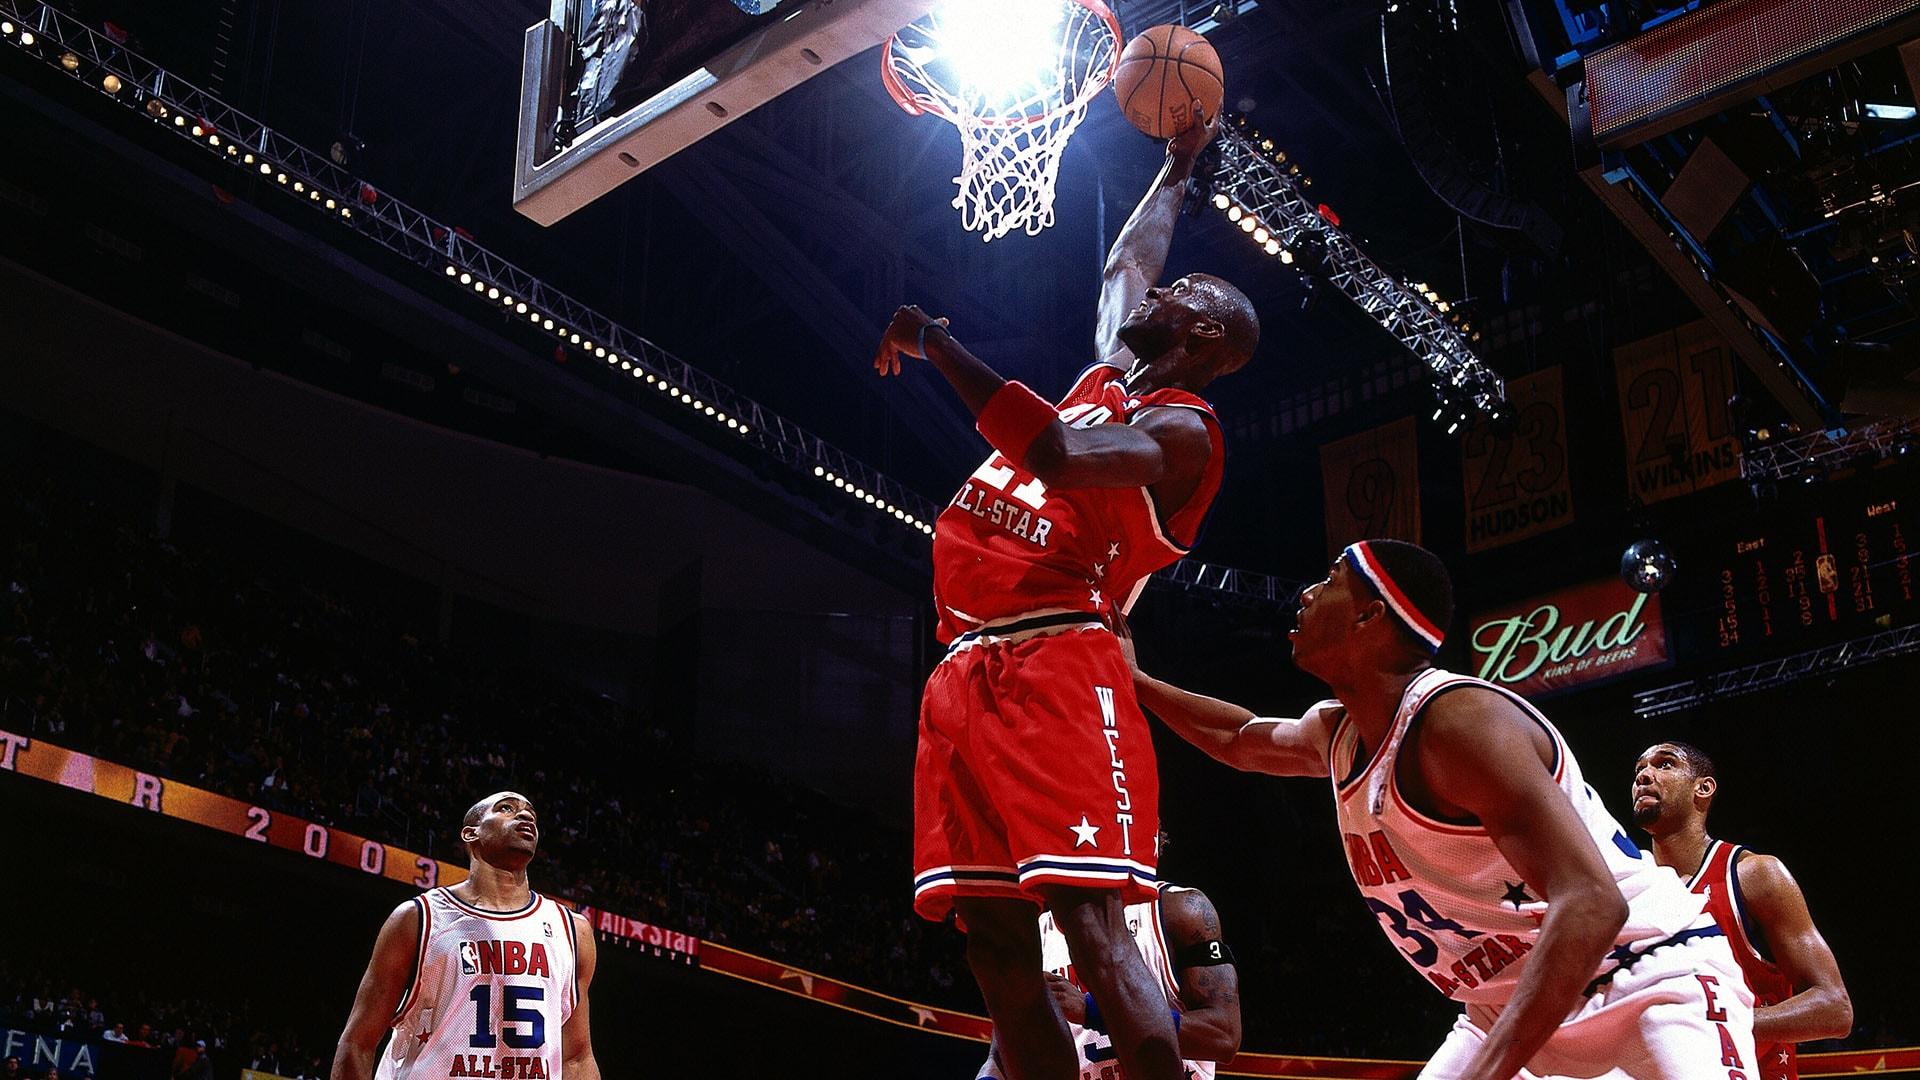 2003 NBA All-Star recap